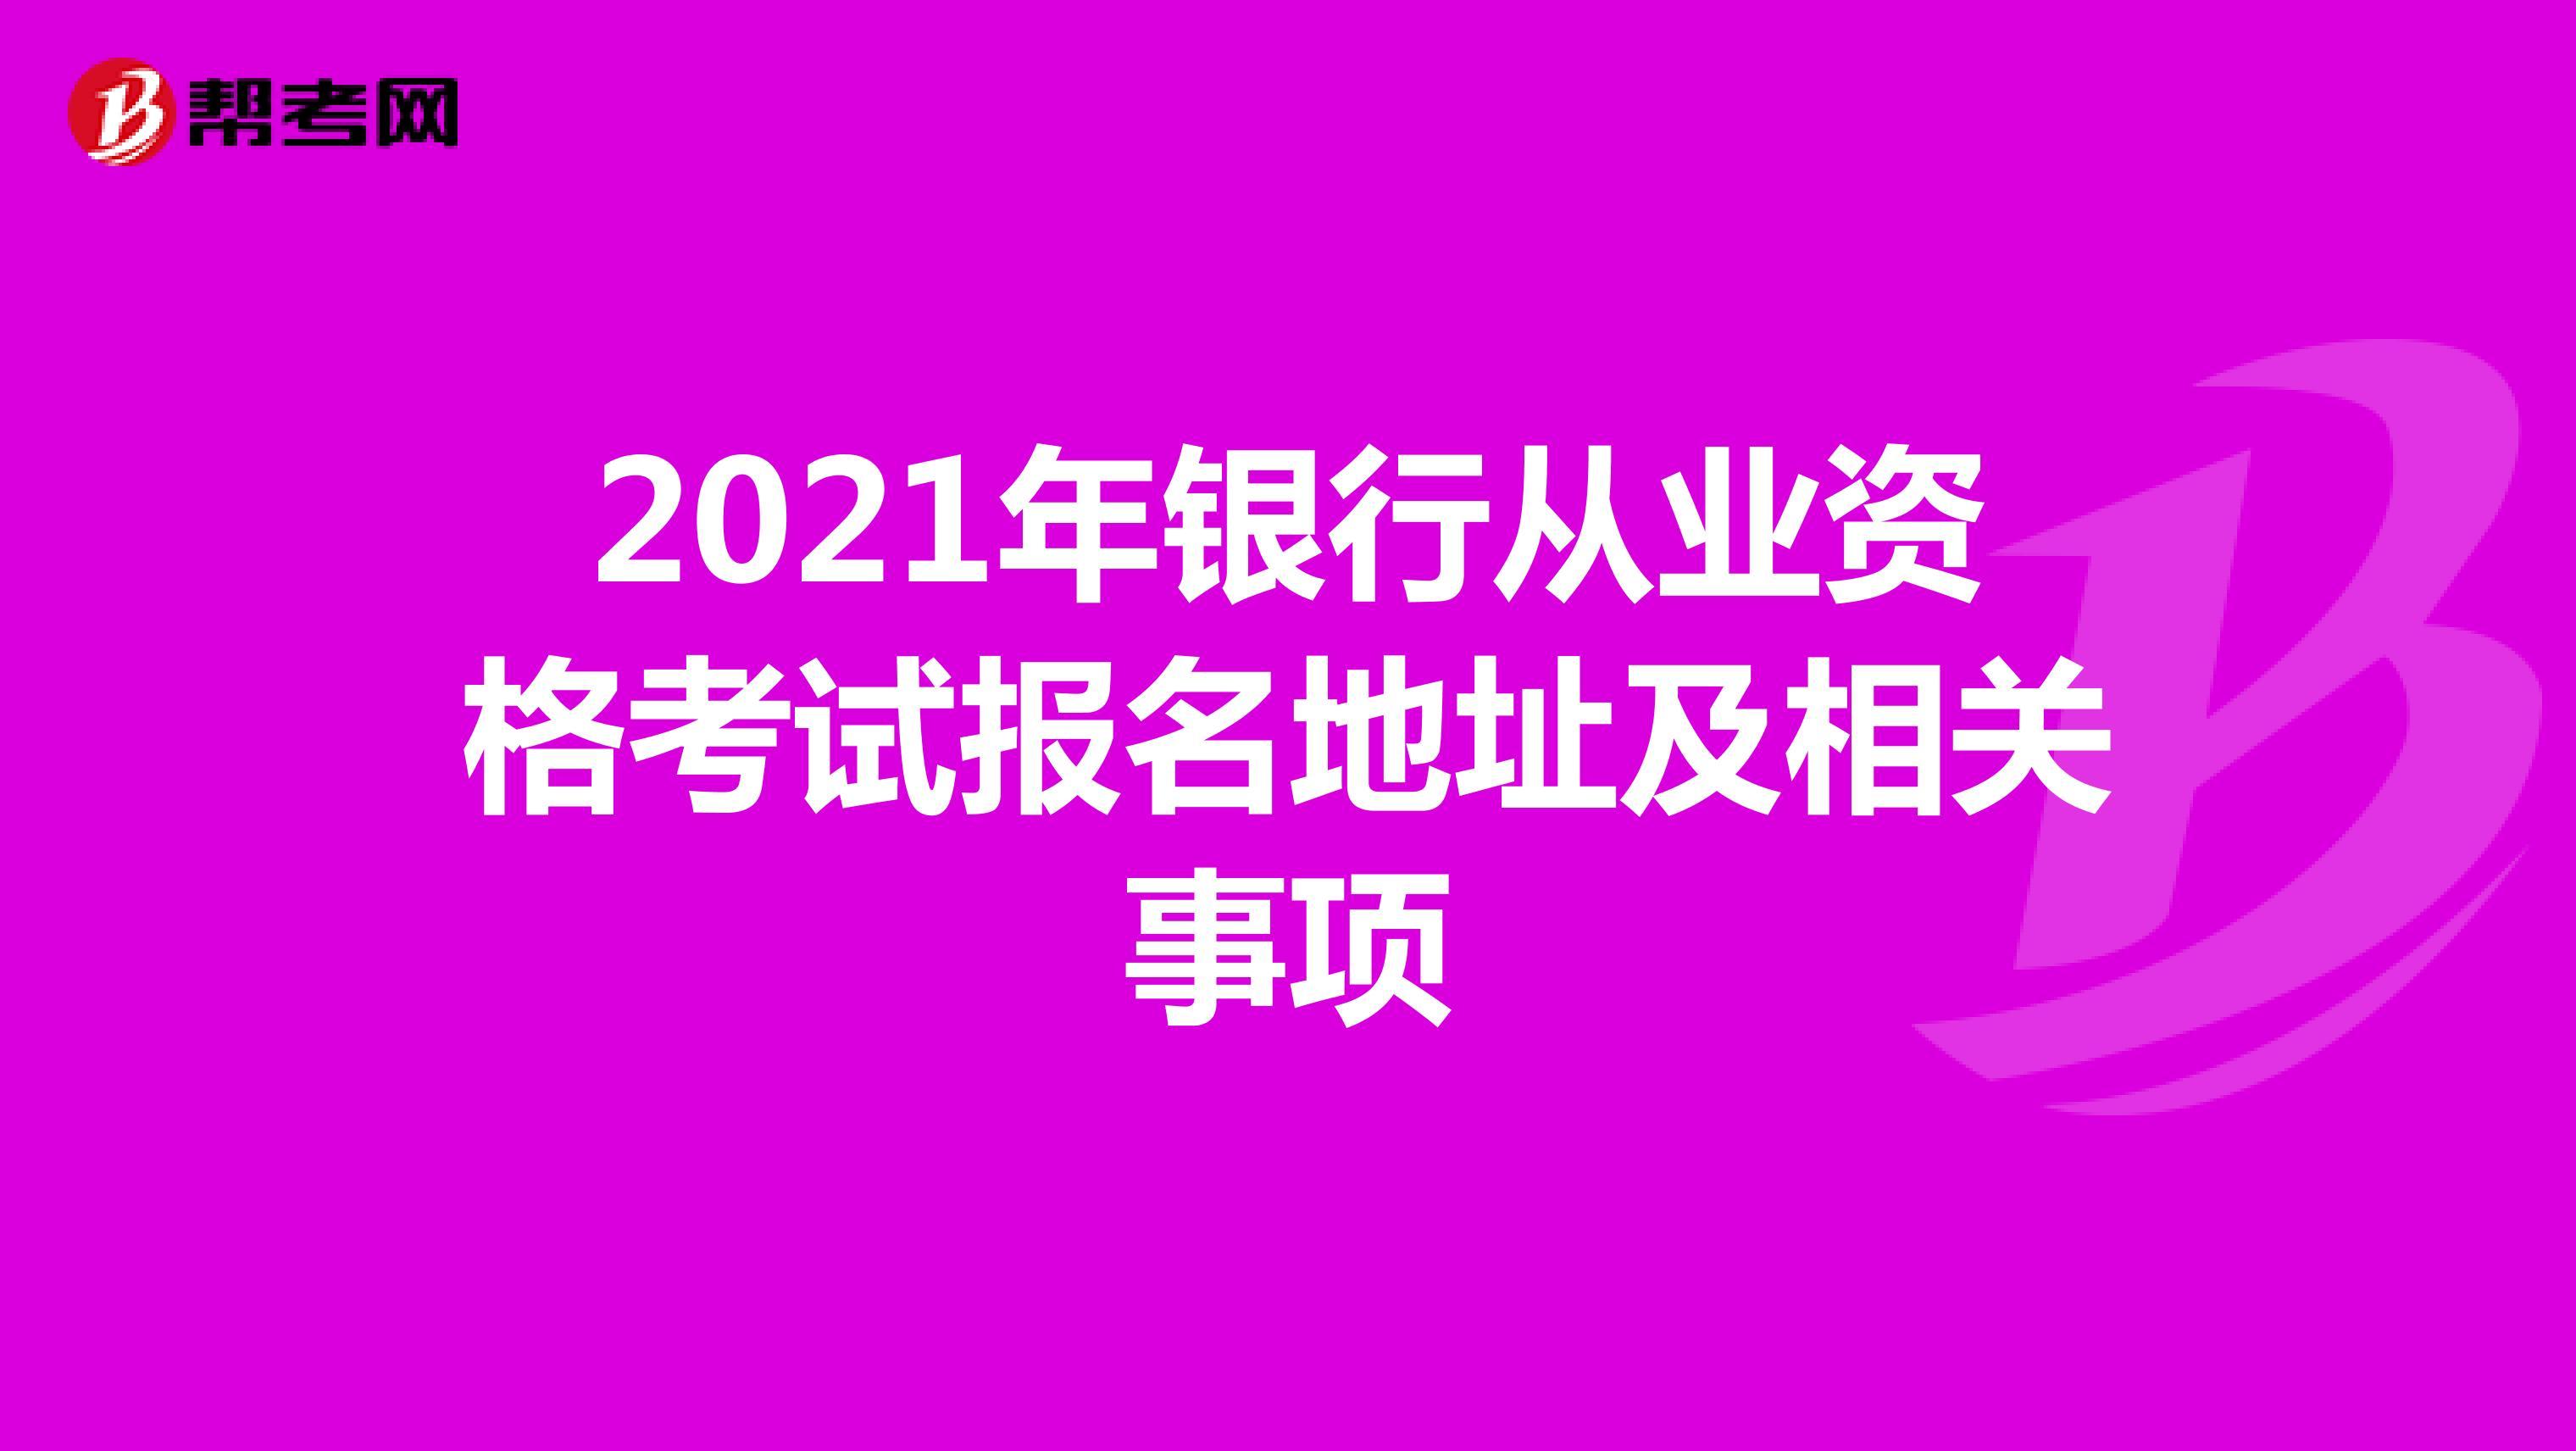 2021年银行从业资格考试报名地址及相关事项